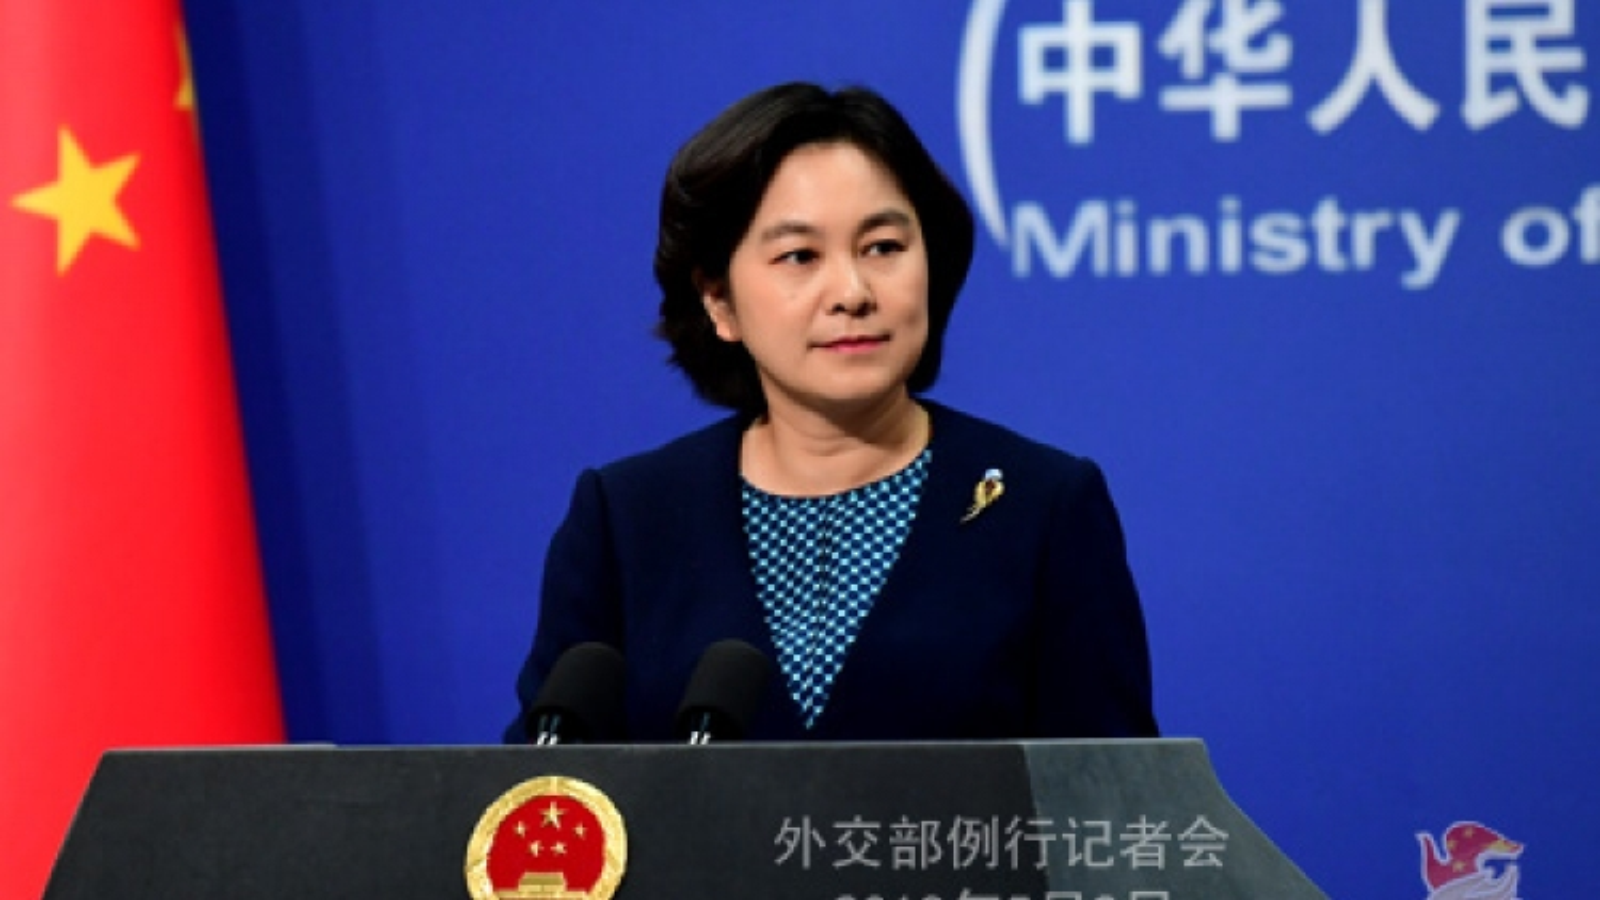 """Trung Quốc phủ nhận chuyến thăm của Ngoại trưởng Nga có sự """"sắp xếp đặc biệt"""""""